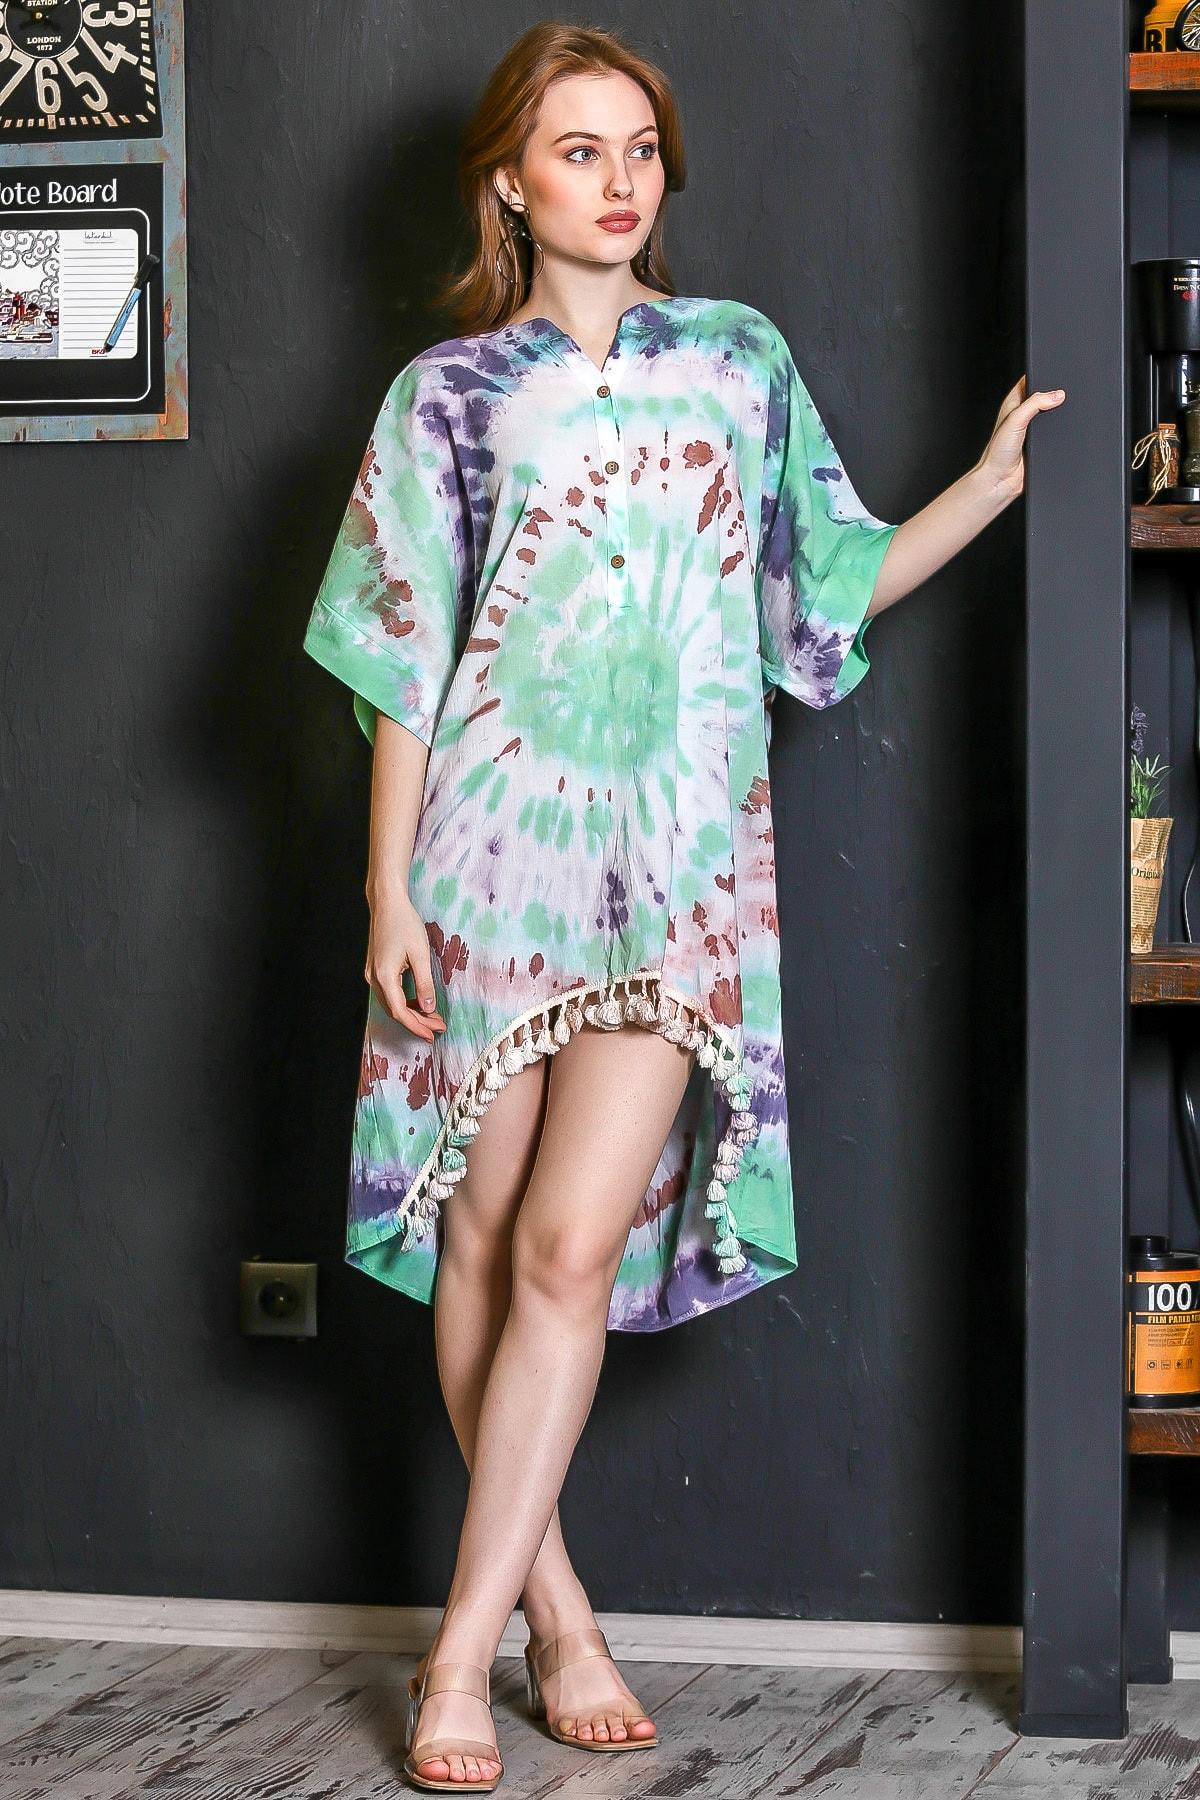 Chiccy Kadın Yeşil Patı Düğmeli Etek Ucu Püsküllü Batik Desen Salaş Elbise M10160000EL95224 1